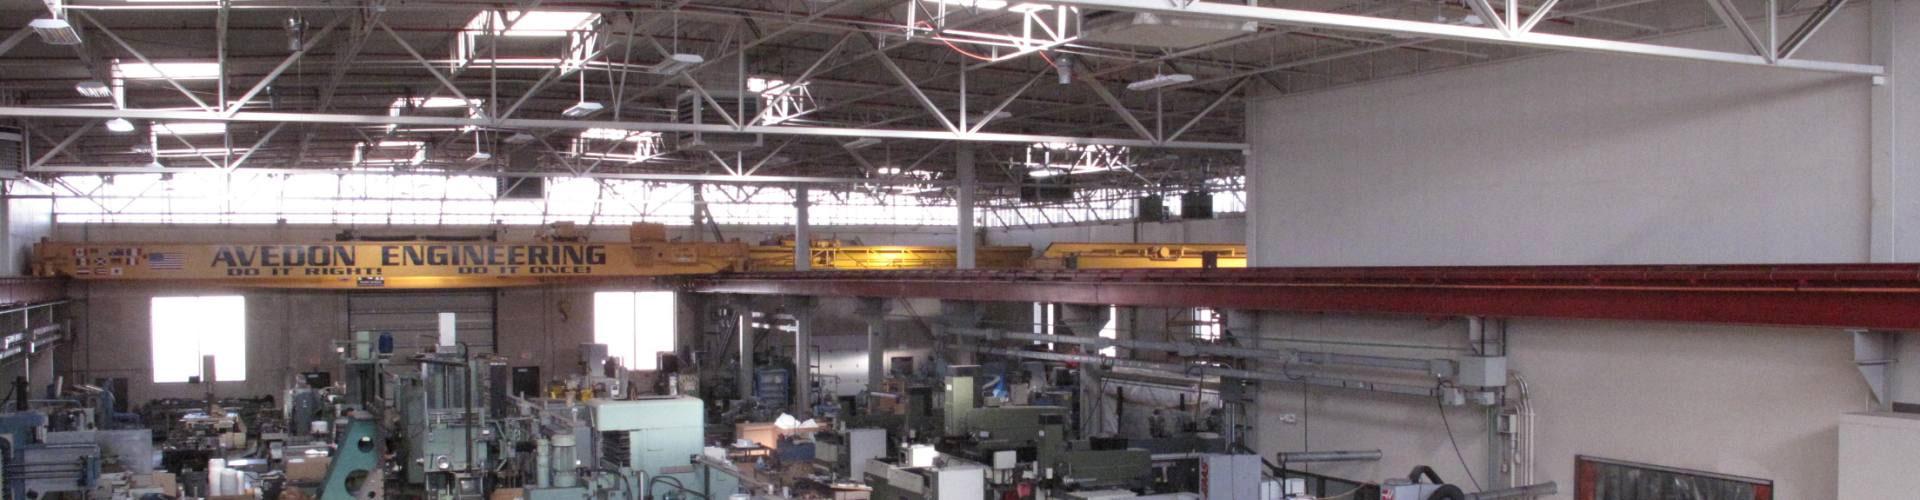 Destratification Fan System Manufacturing Slider 3